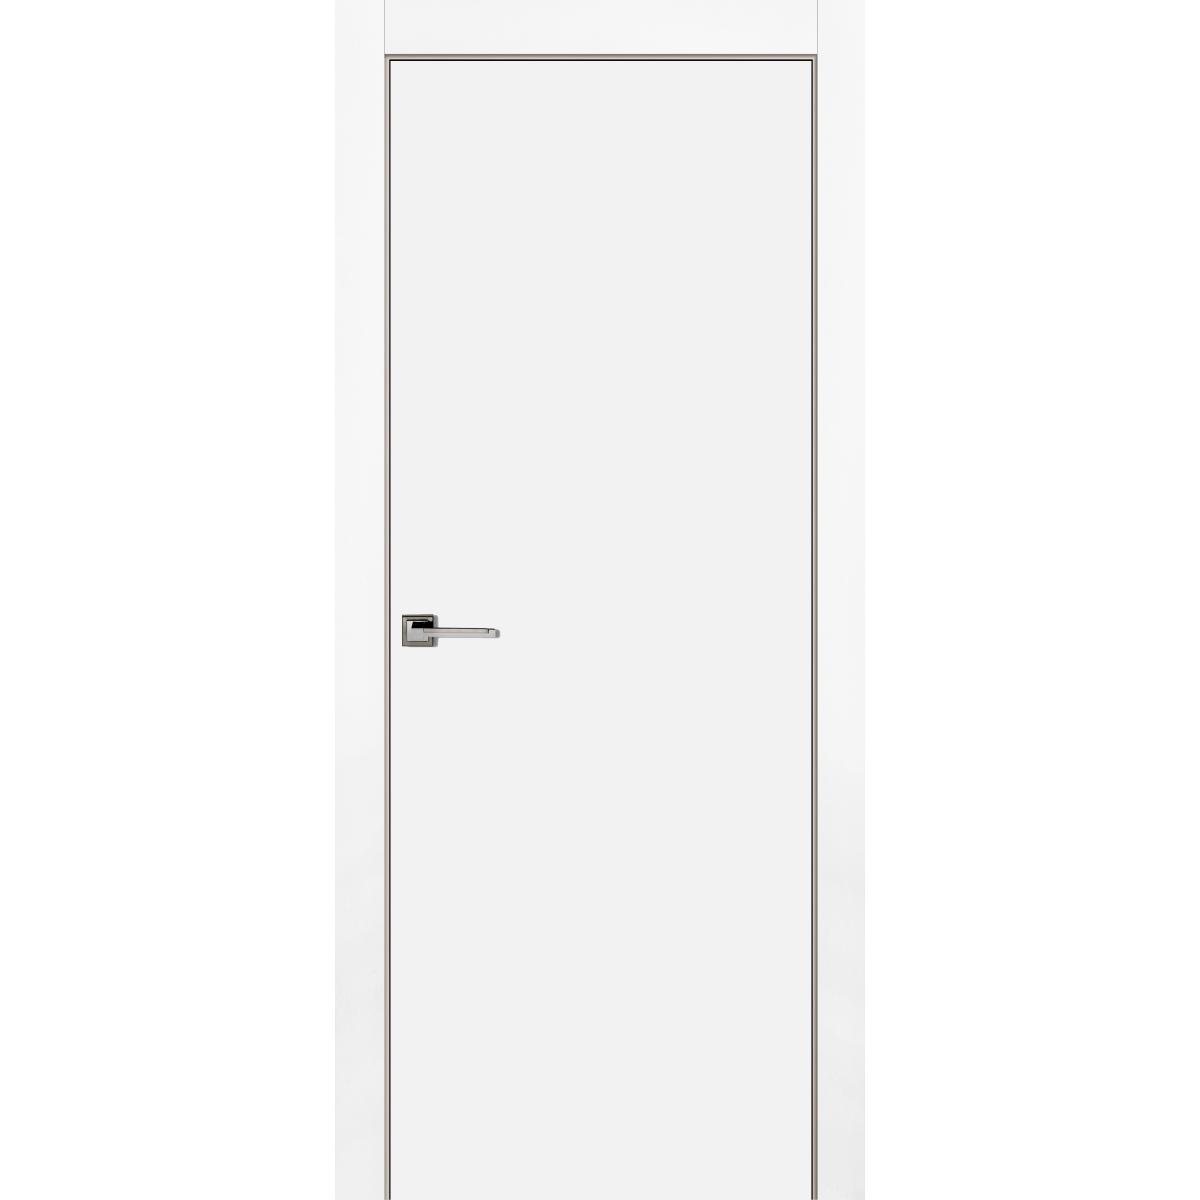 Дверь Межкомнатная Глухая С Замком В Комплекте 80x200 Эмаль Цвет Белый